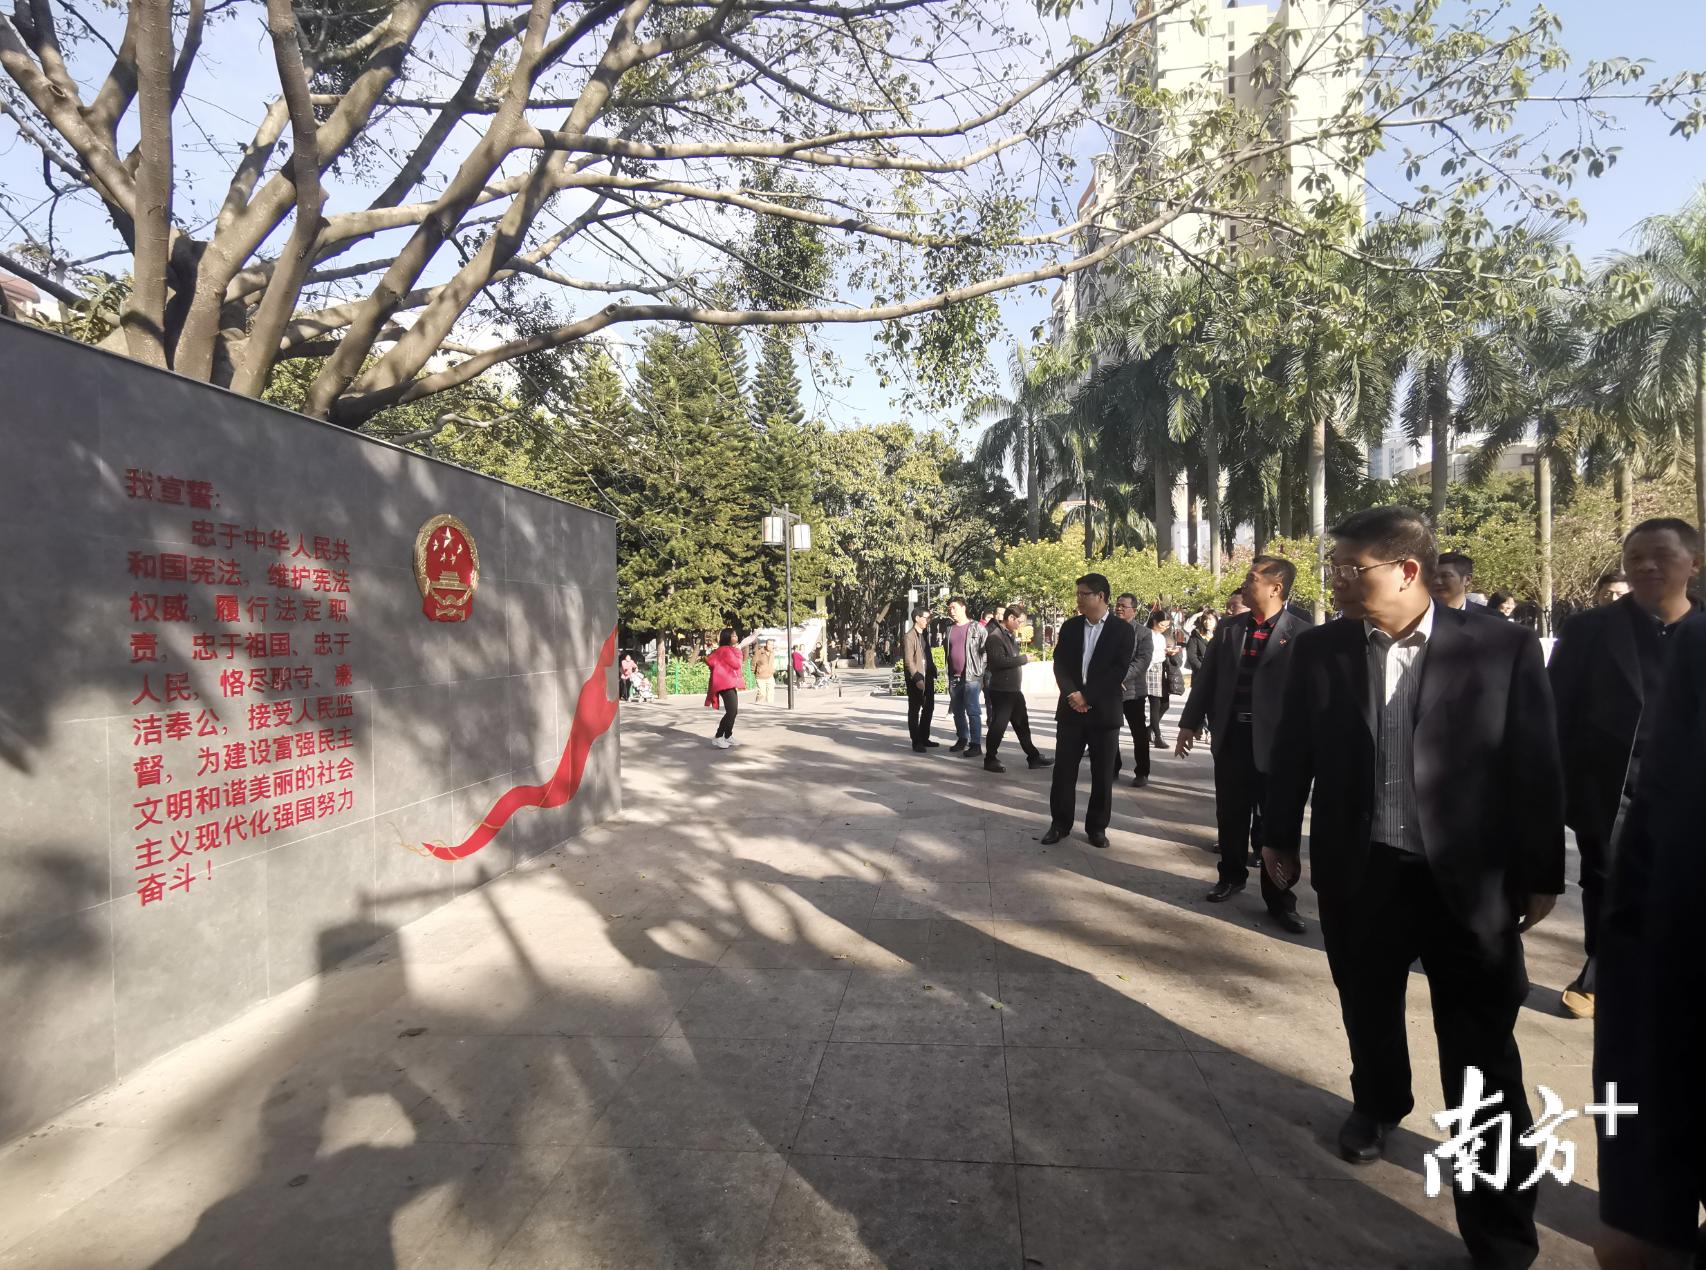 揭牌嘉宾与群众一起参观唐翠法治文化公园。 唐梦 摄